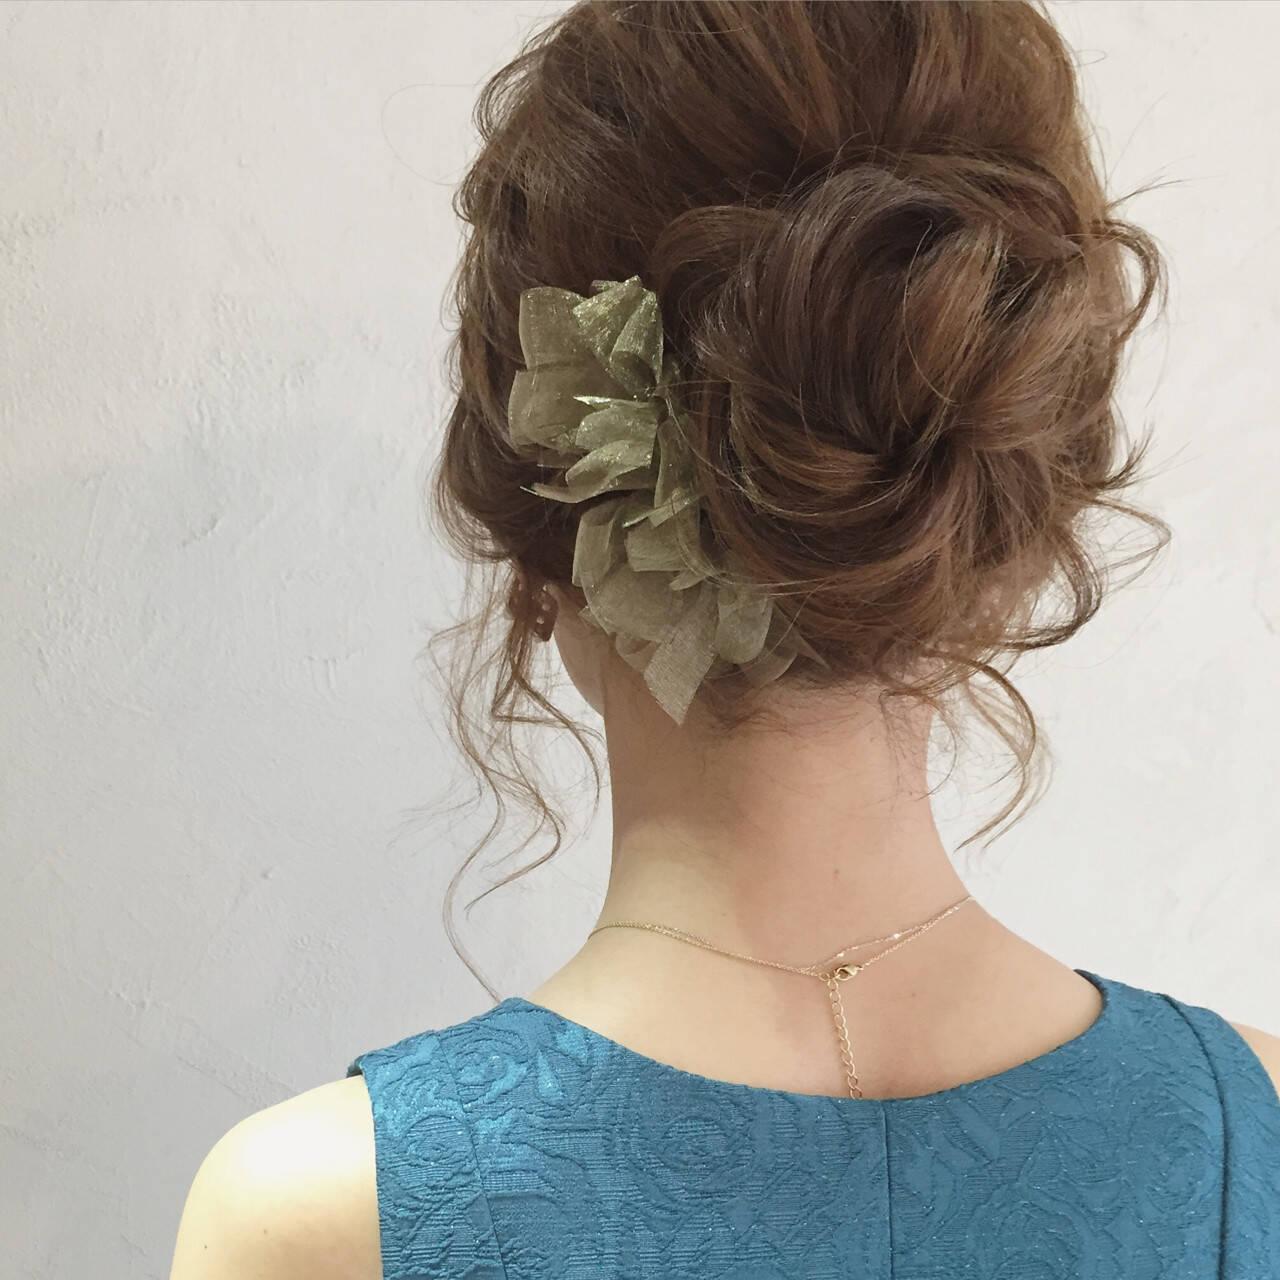 アッシュ セミロング ヘアアレンジ アップスタイルヘアスタイルや髪型の写真・画像